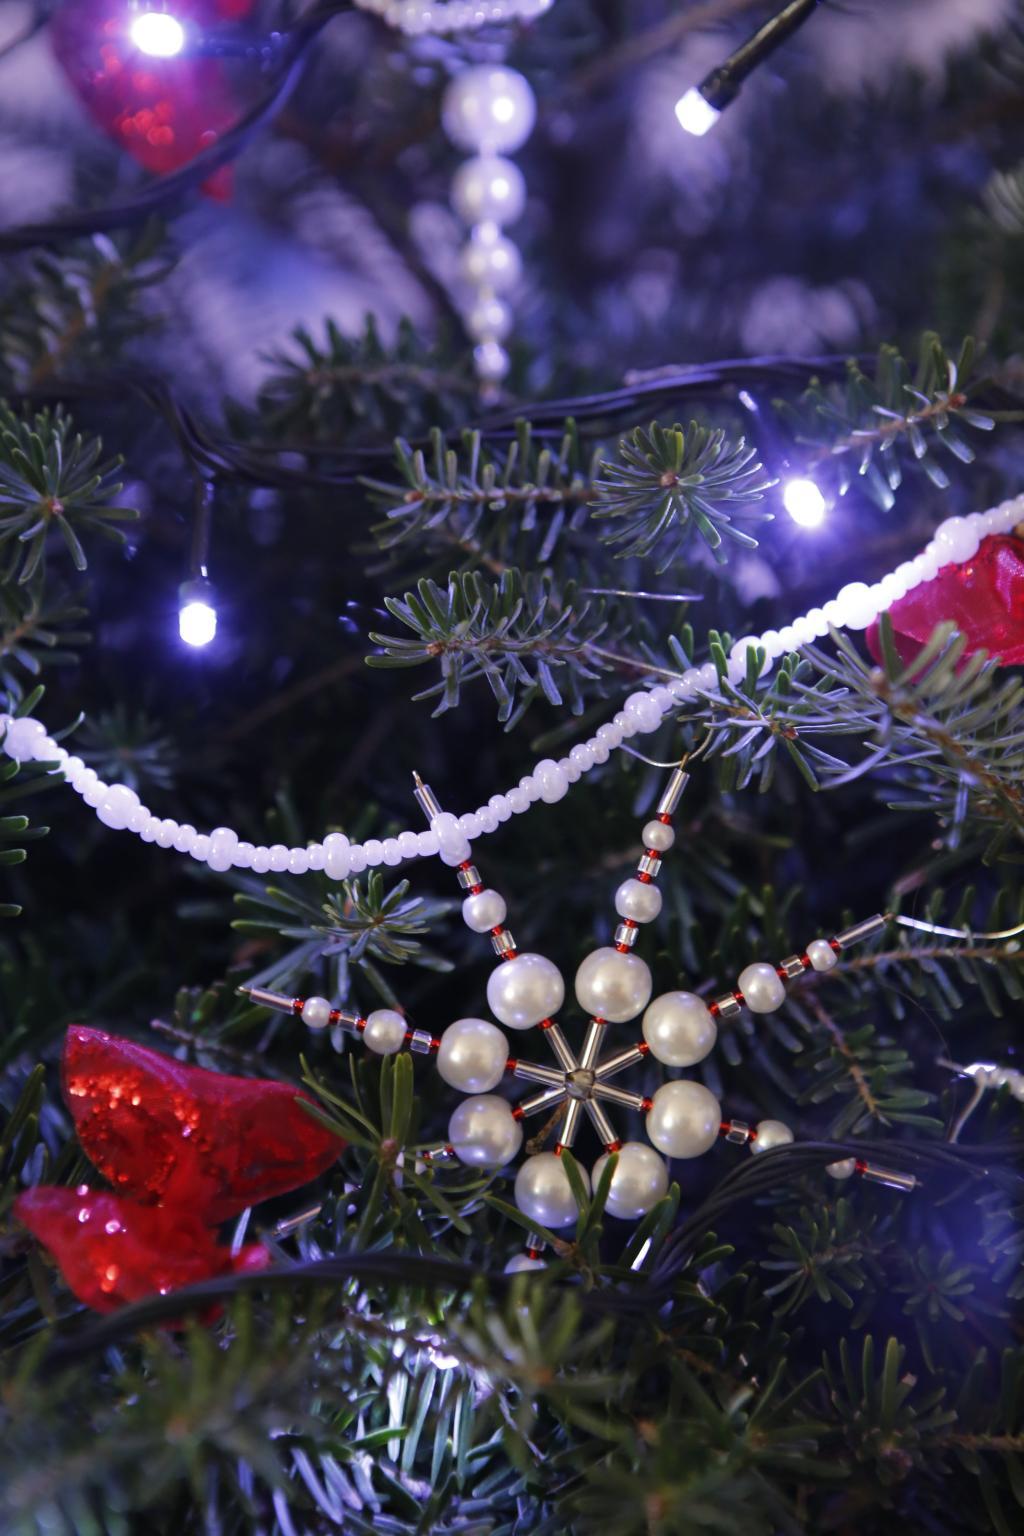 圣诞节, 圣诞节, 串珠饰品, 白色, 红色, 光, 树